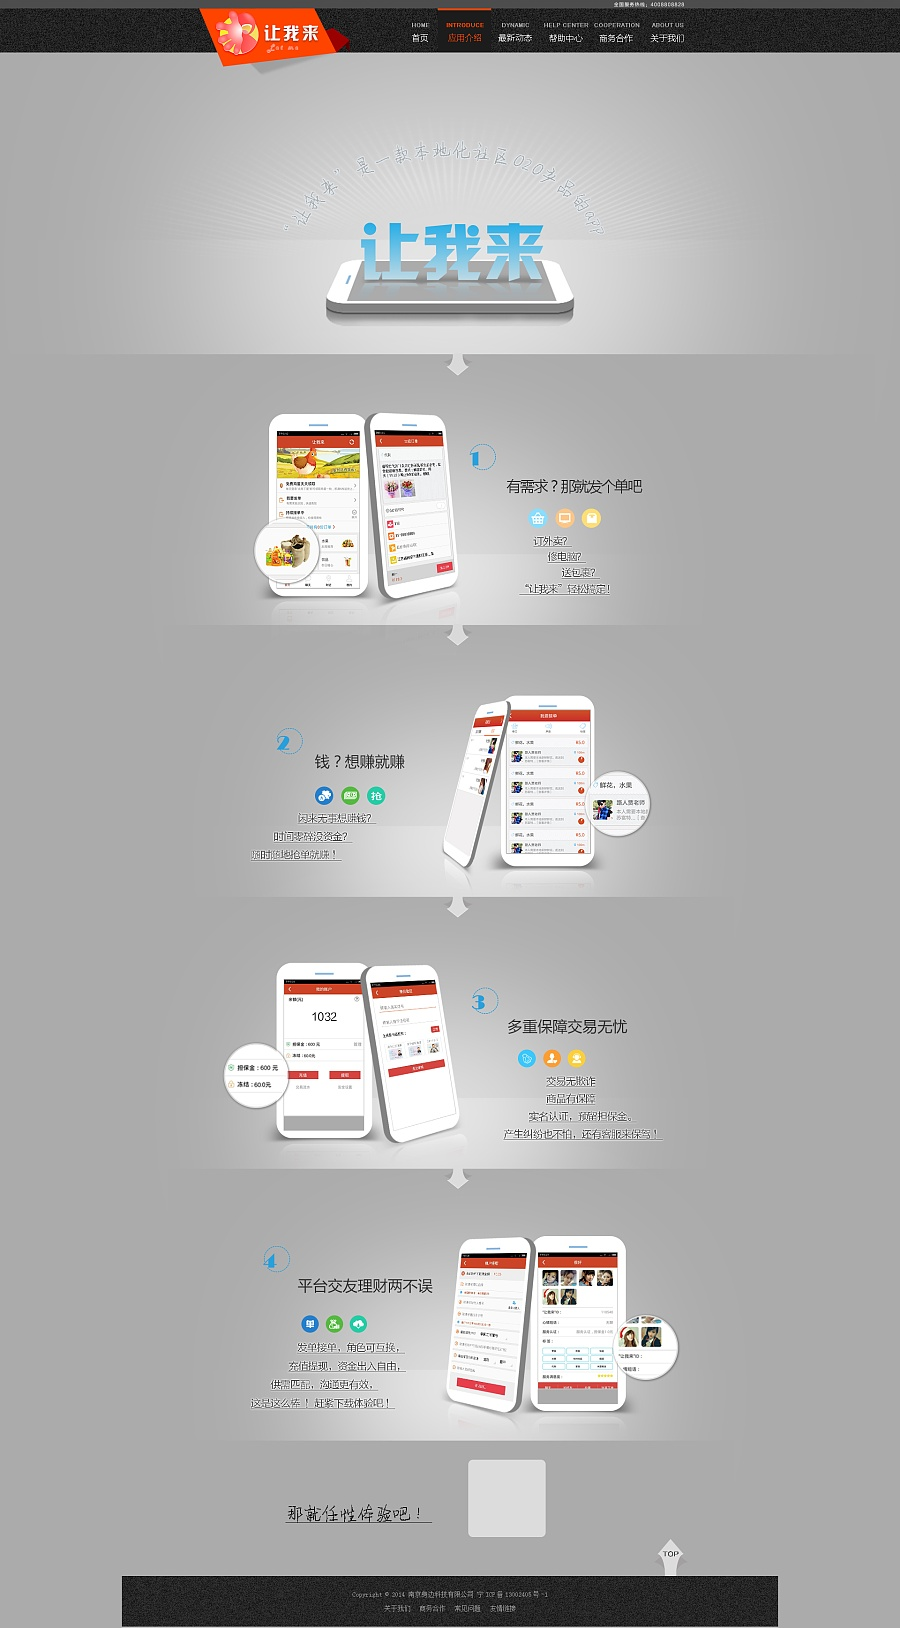 ui设计 网页设计|app界面|ui|理想laimao - 原创设计图片